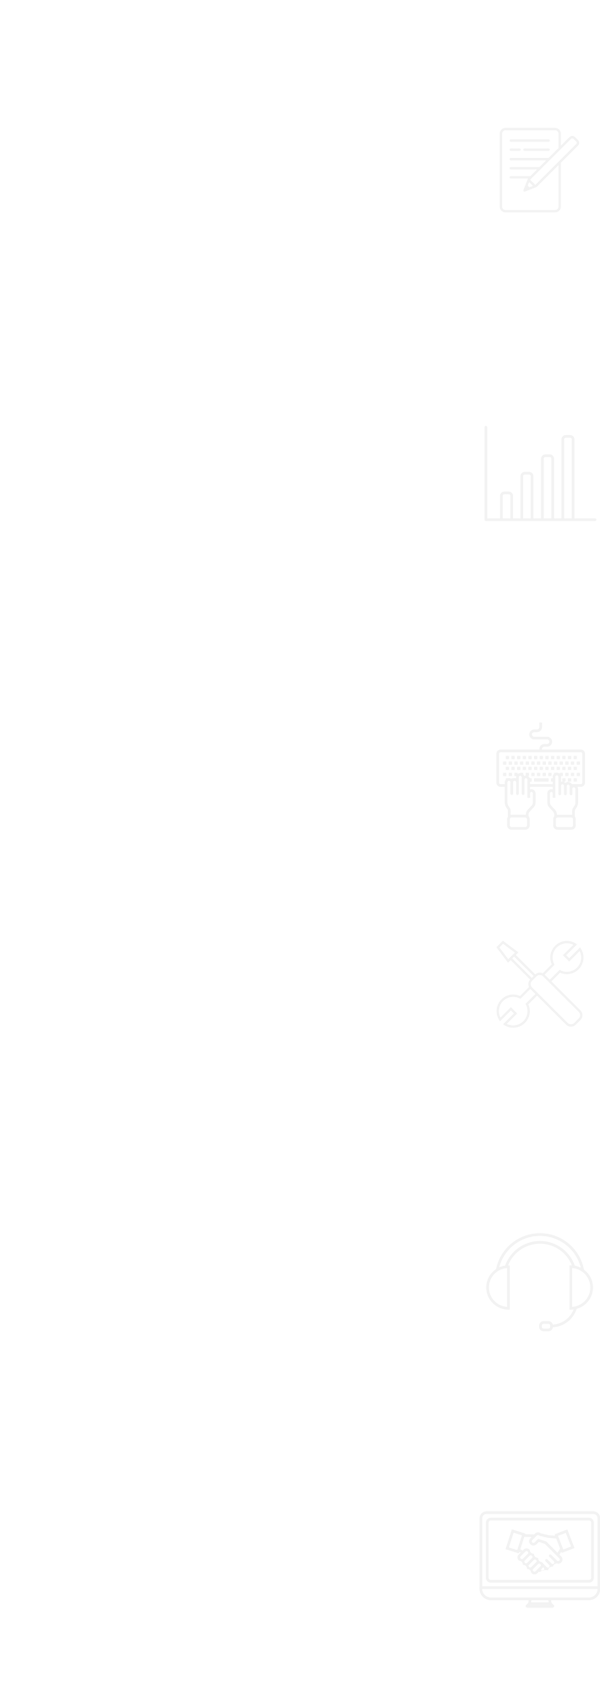 導入までの流れ紹介